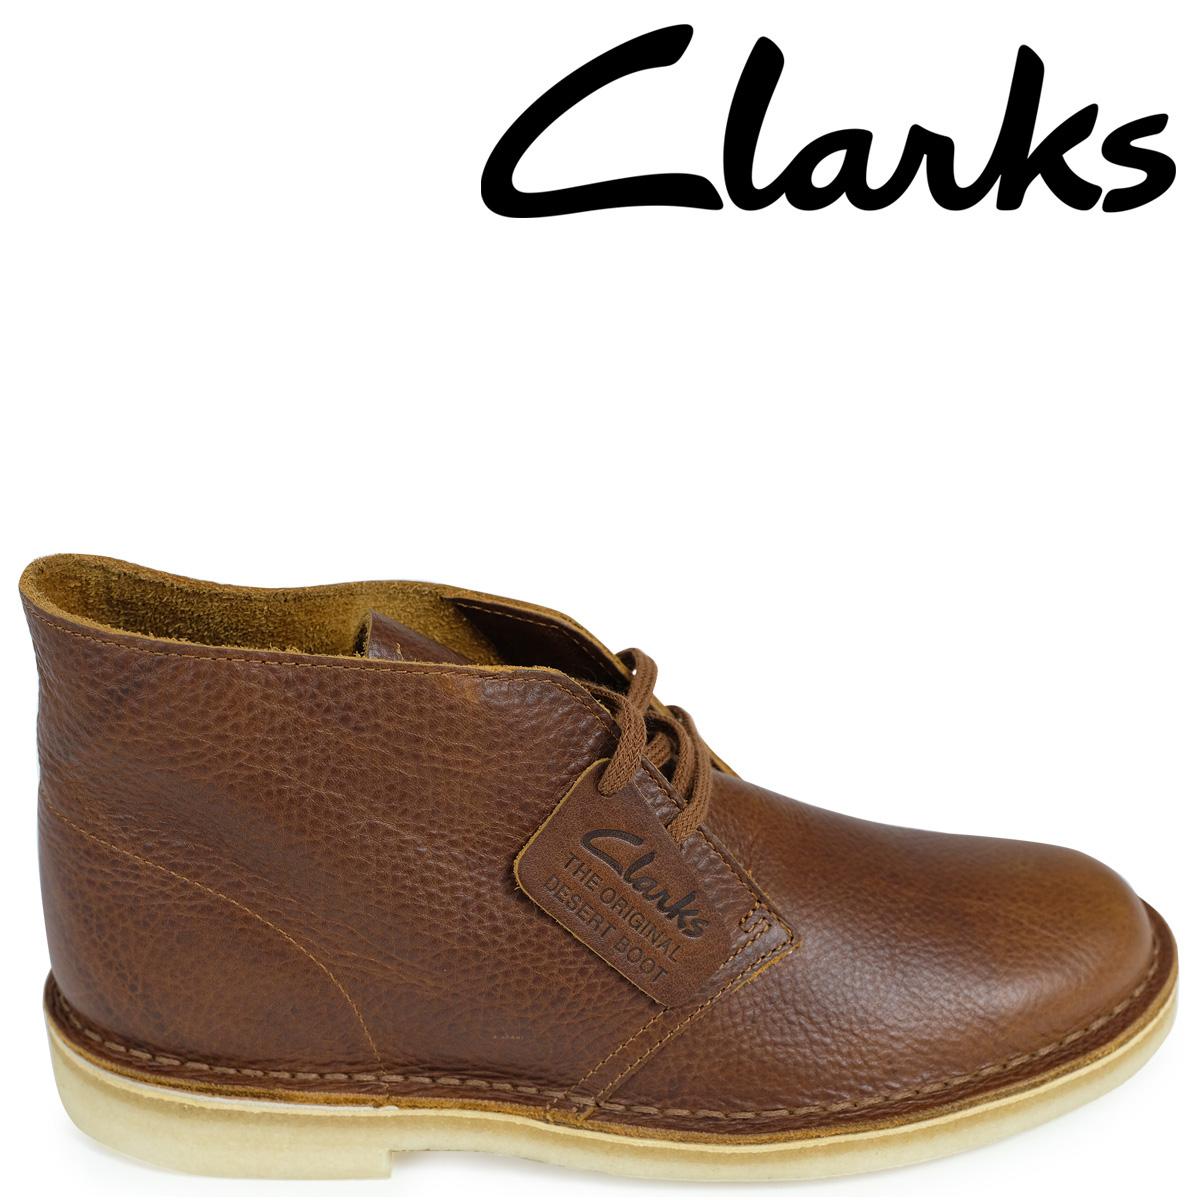 Clarks デザートブーツ メンズ クラークス DESERT BOOT 26125549 レザー 靴 ブラウン